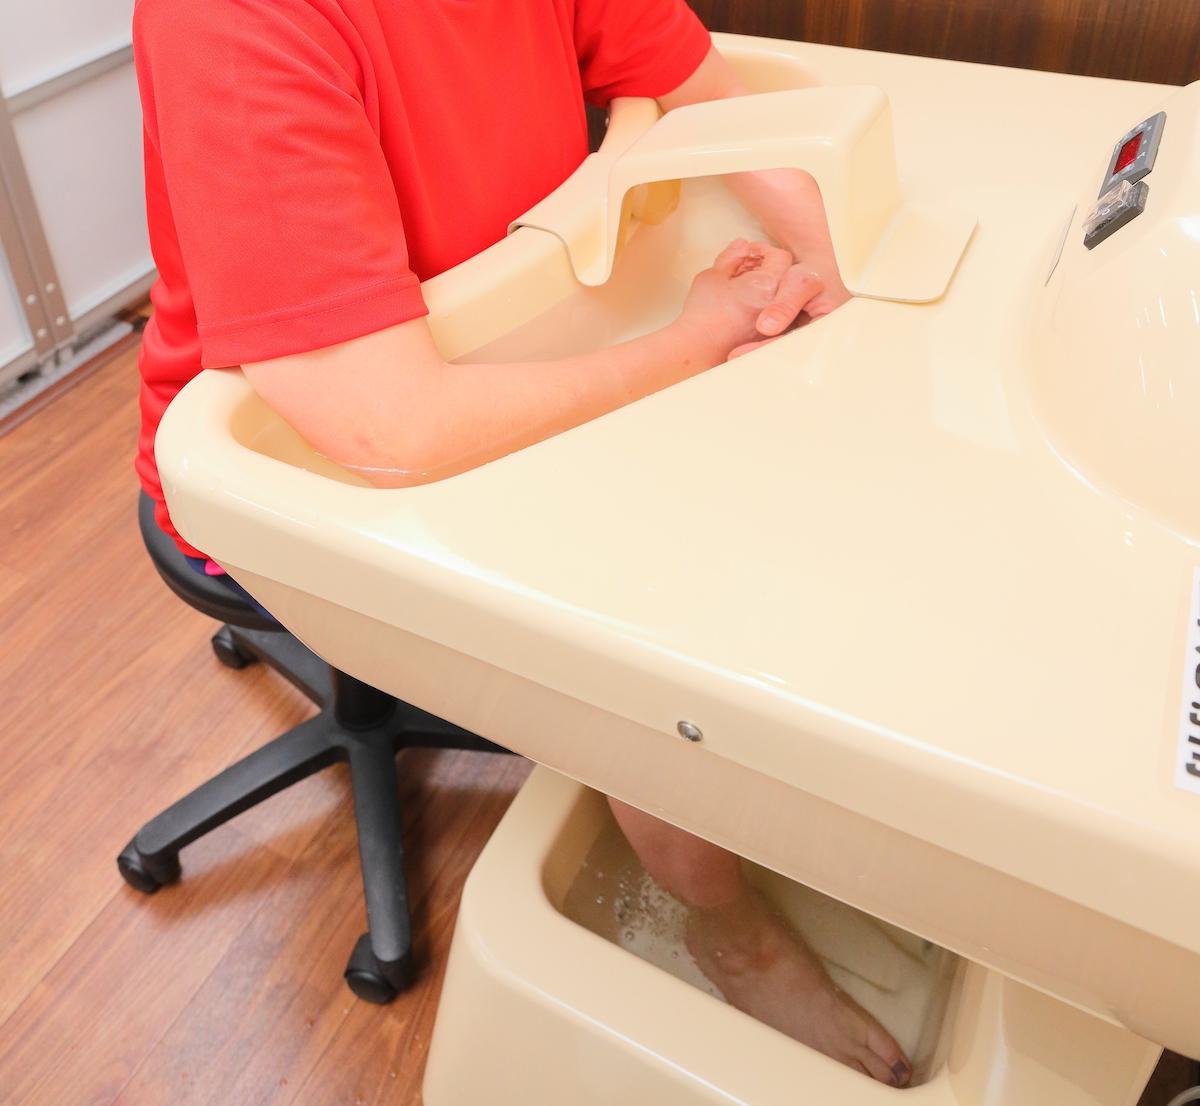 「ゲルマニウム温浴」自律神経を整え、冷え症やむくみなどの改善に。